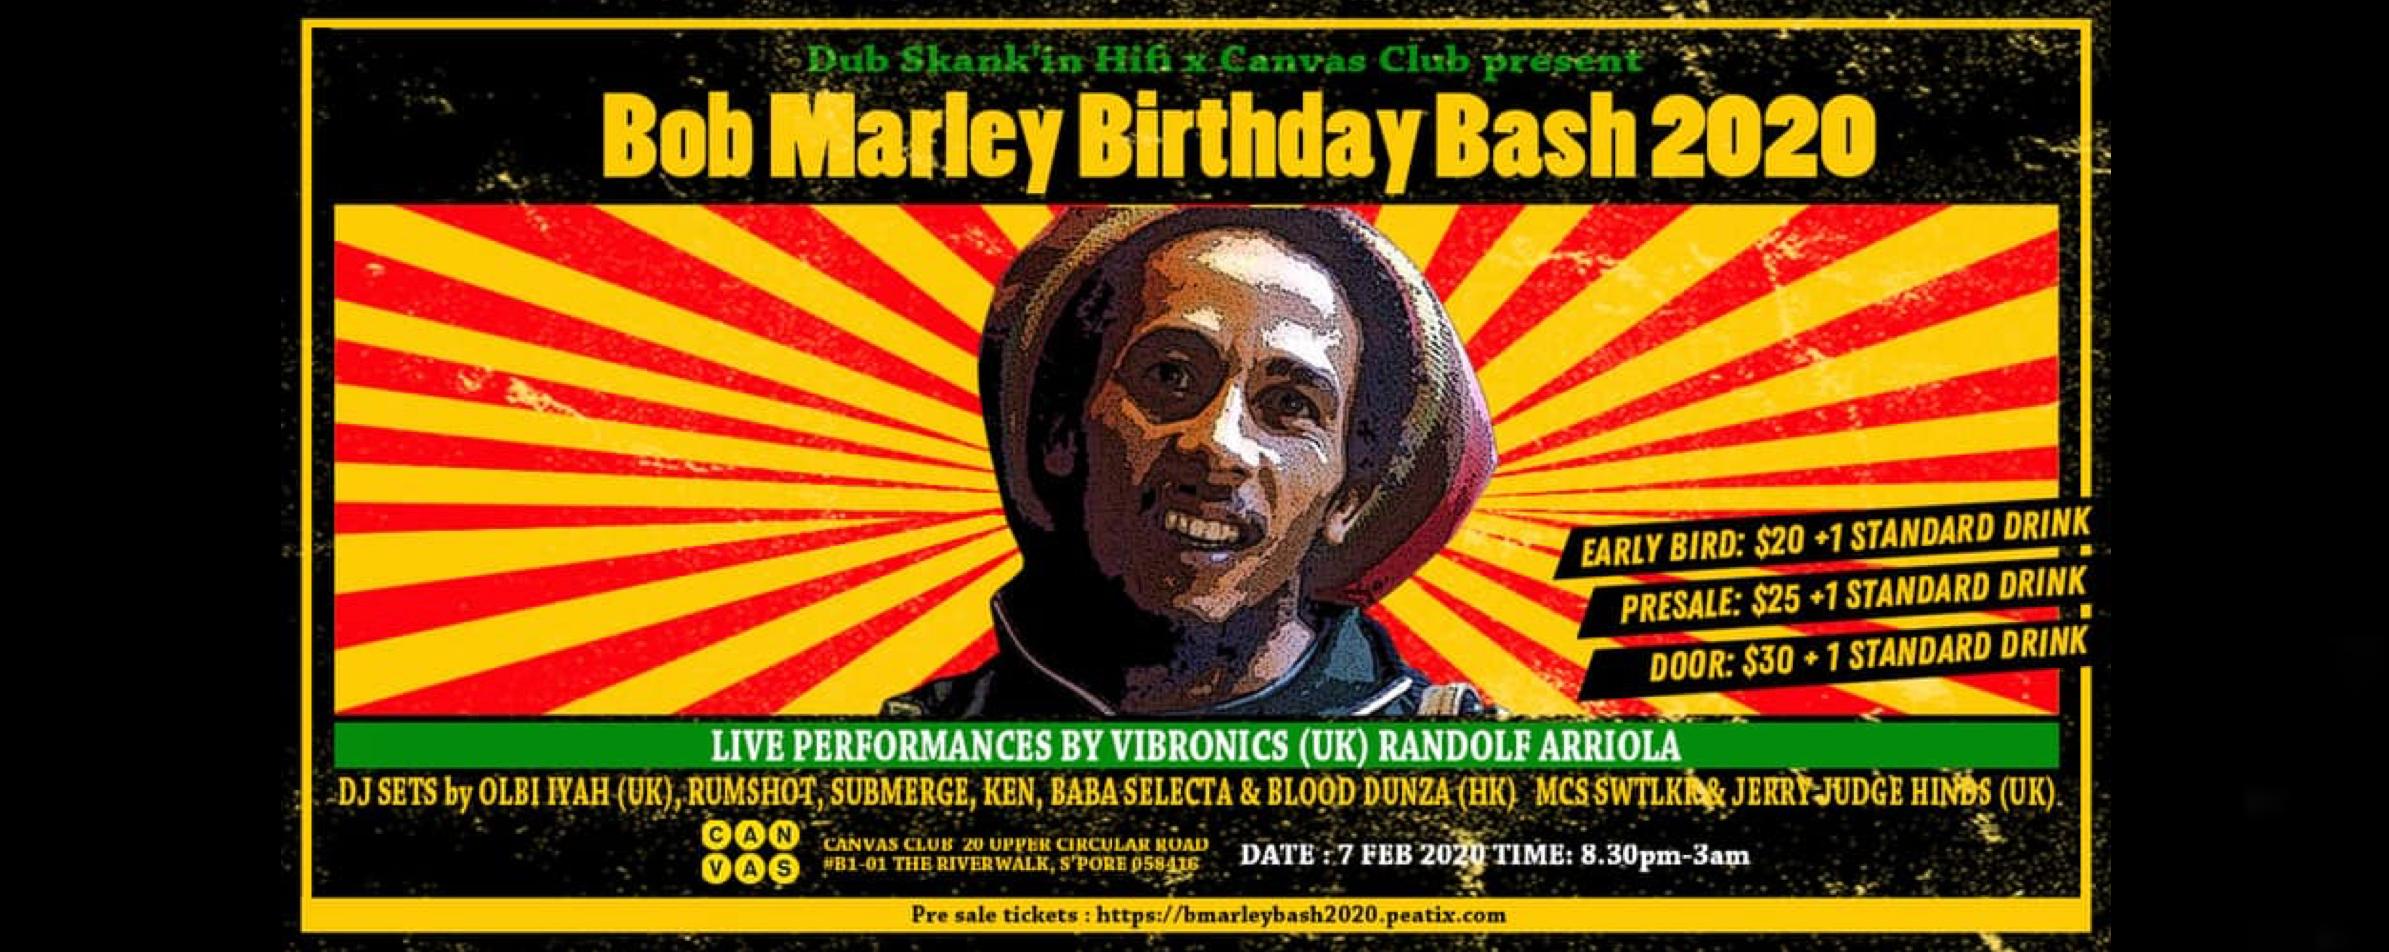 Bob Marley Birthday Bash 2020